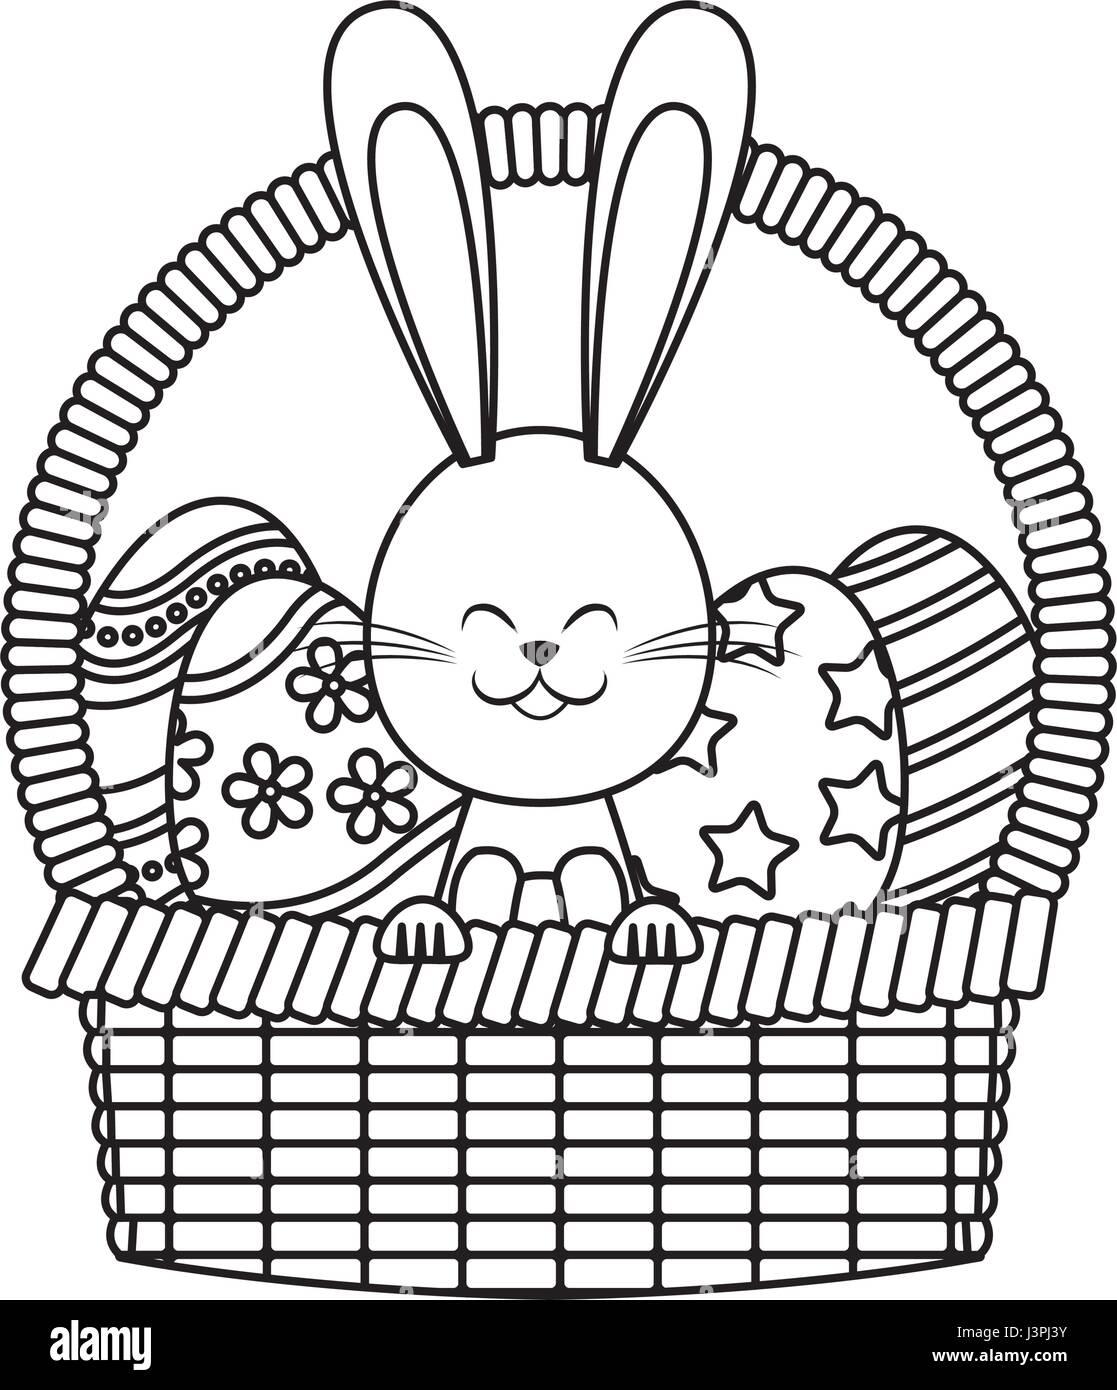 Easter Rabbit Basket Egg Decoration Line